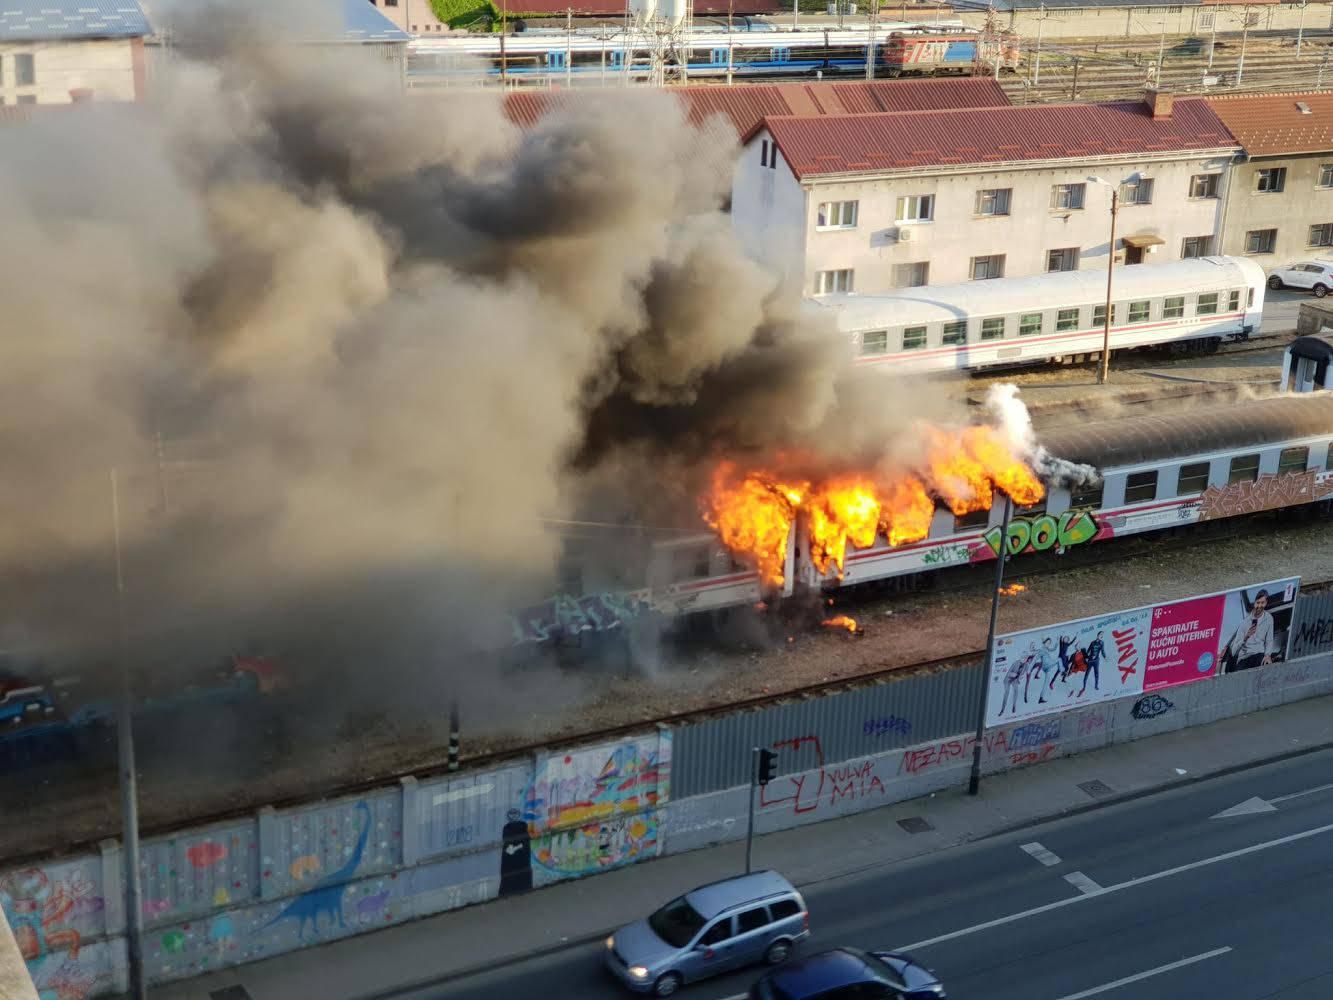 Širi se gusti dim: Planula dva vagona na Glavnom kolodvoru